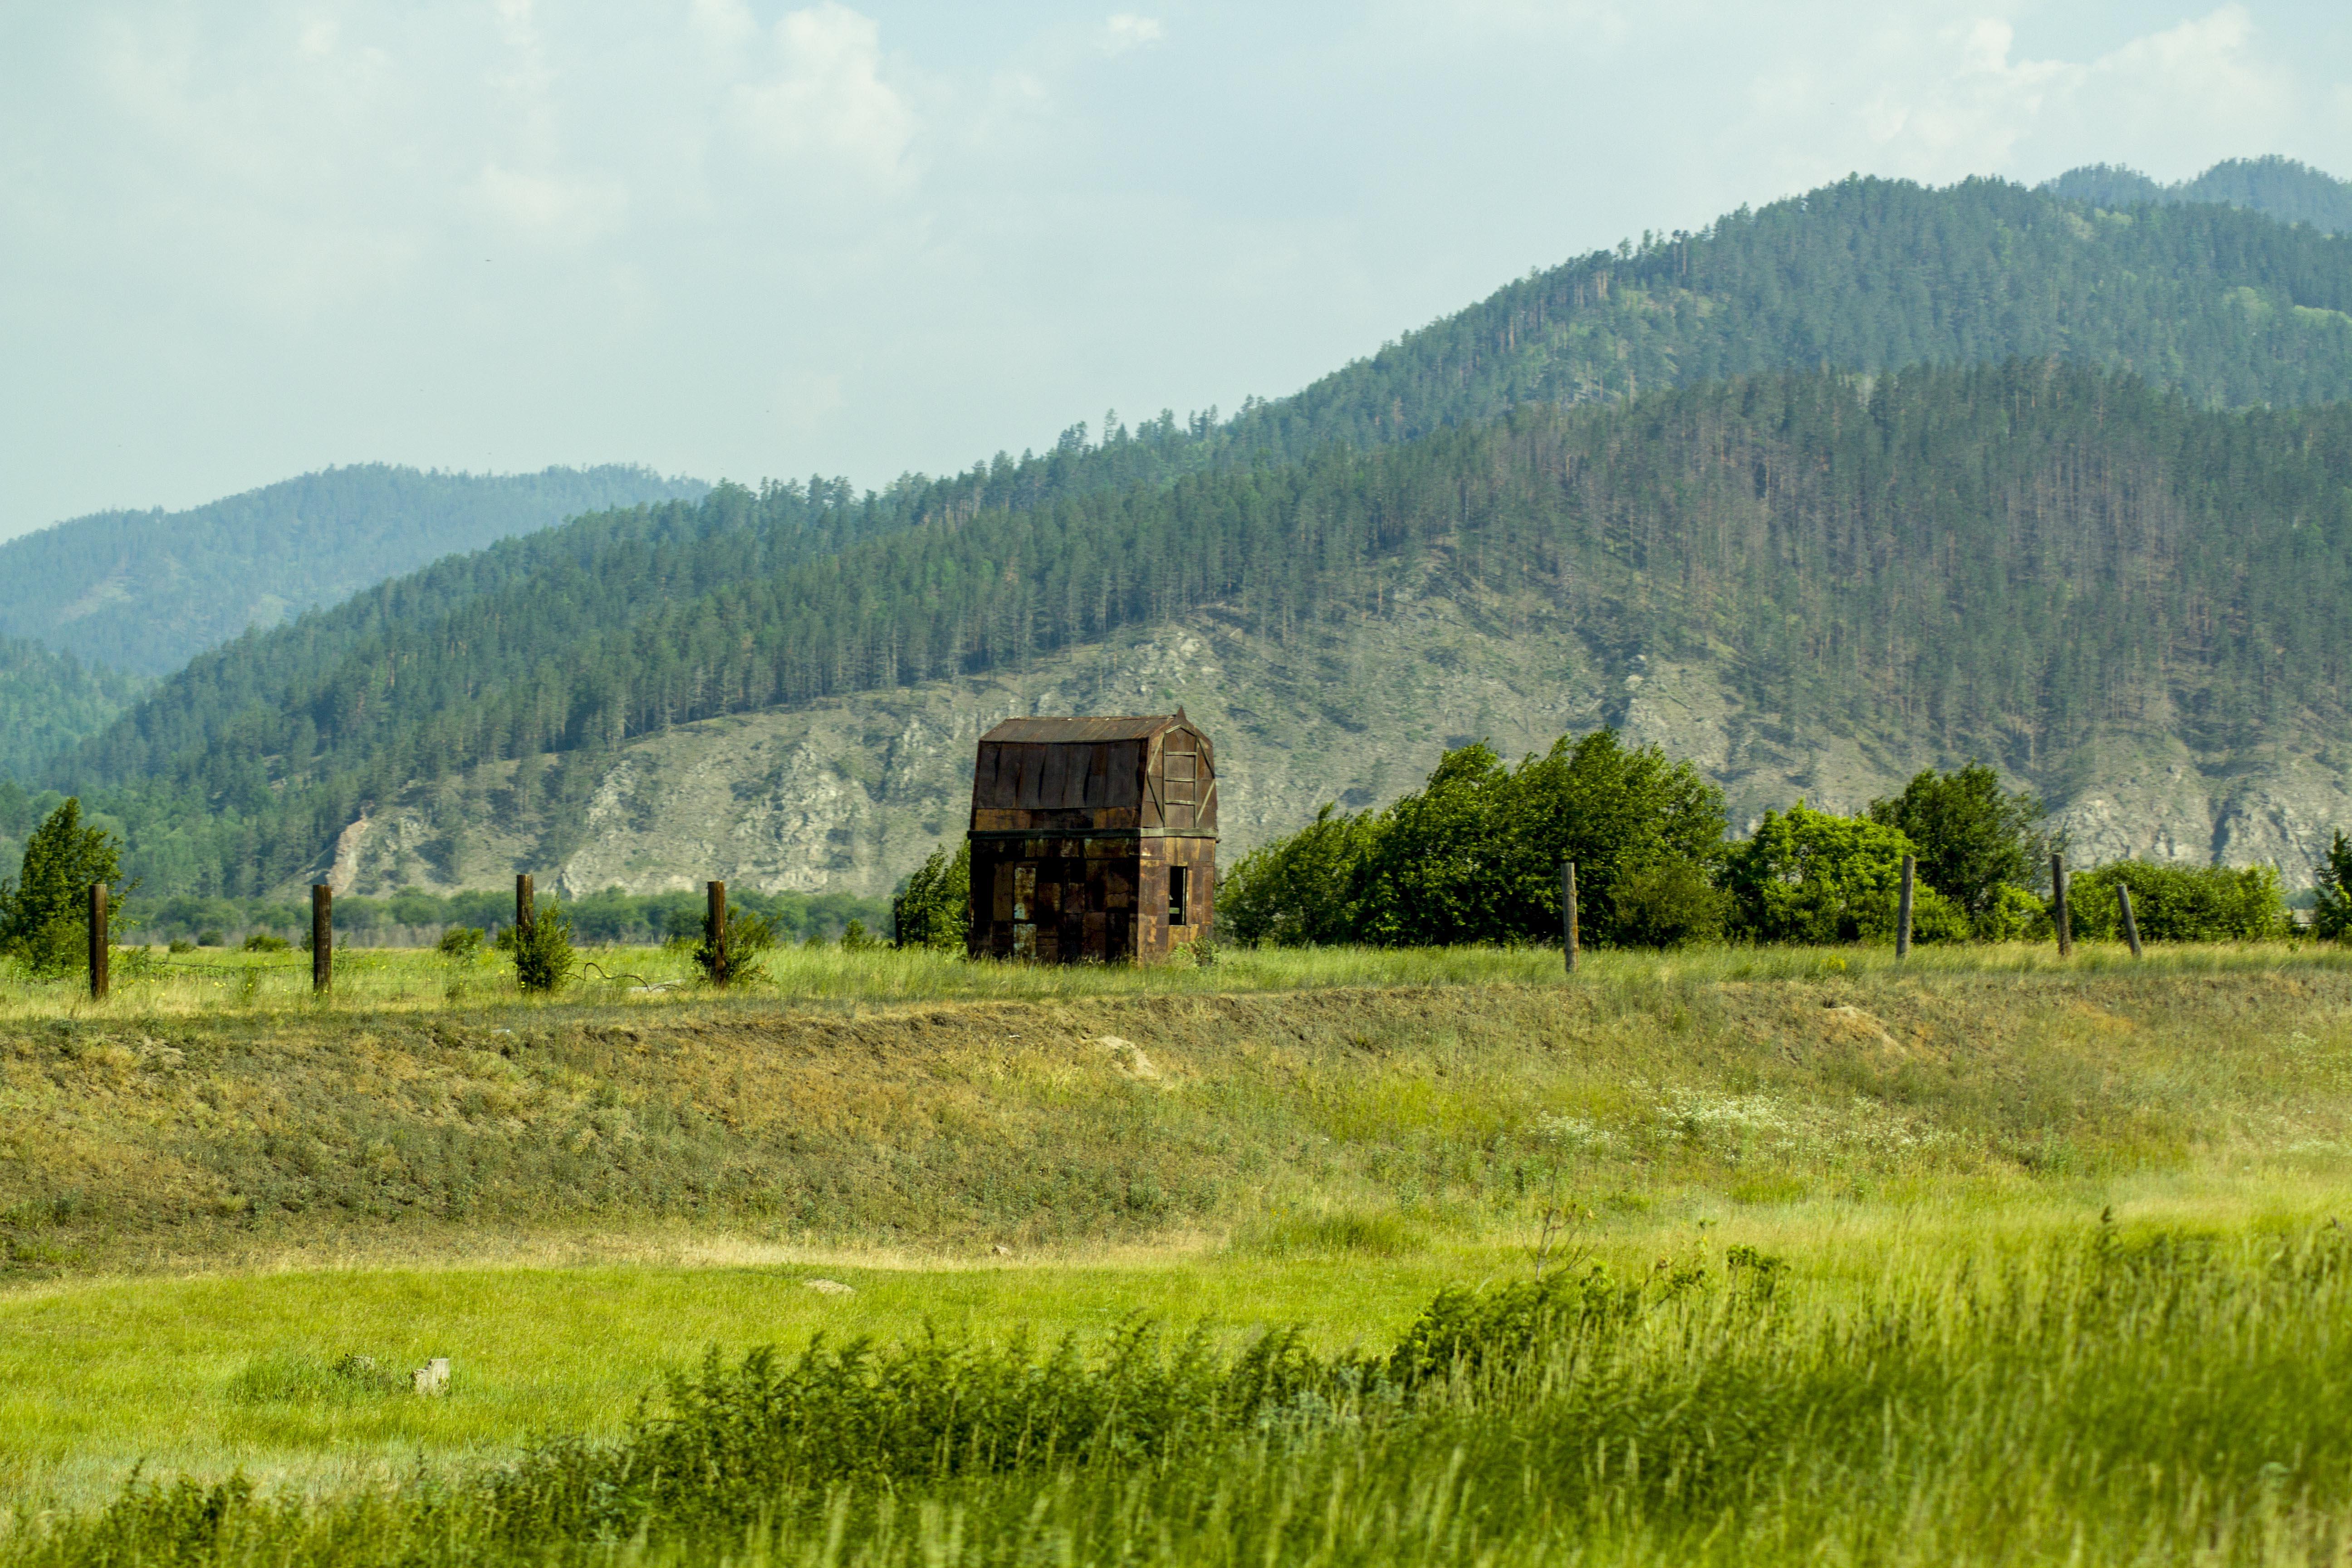 Странный железный дом, посреди степи. Может кто знает - что это может быть?